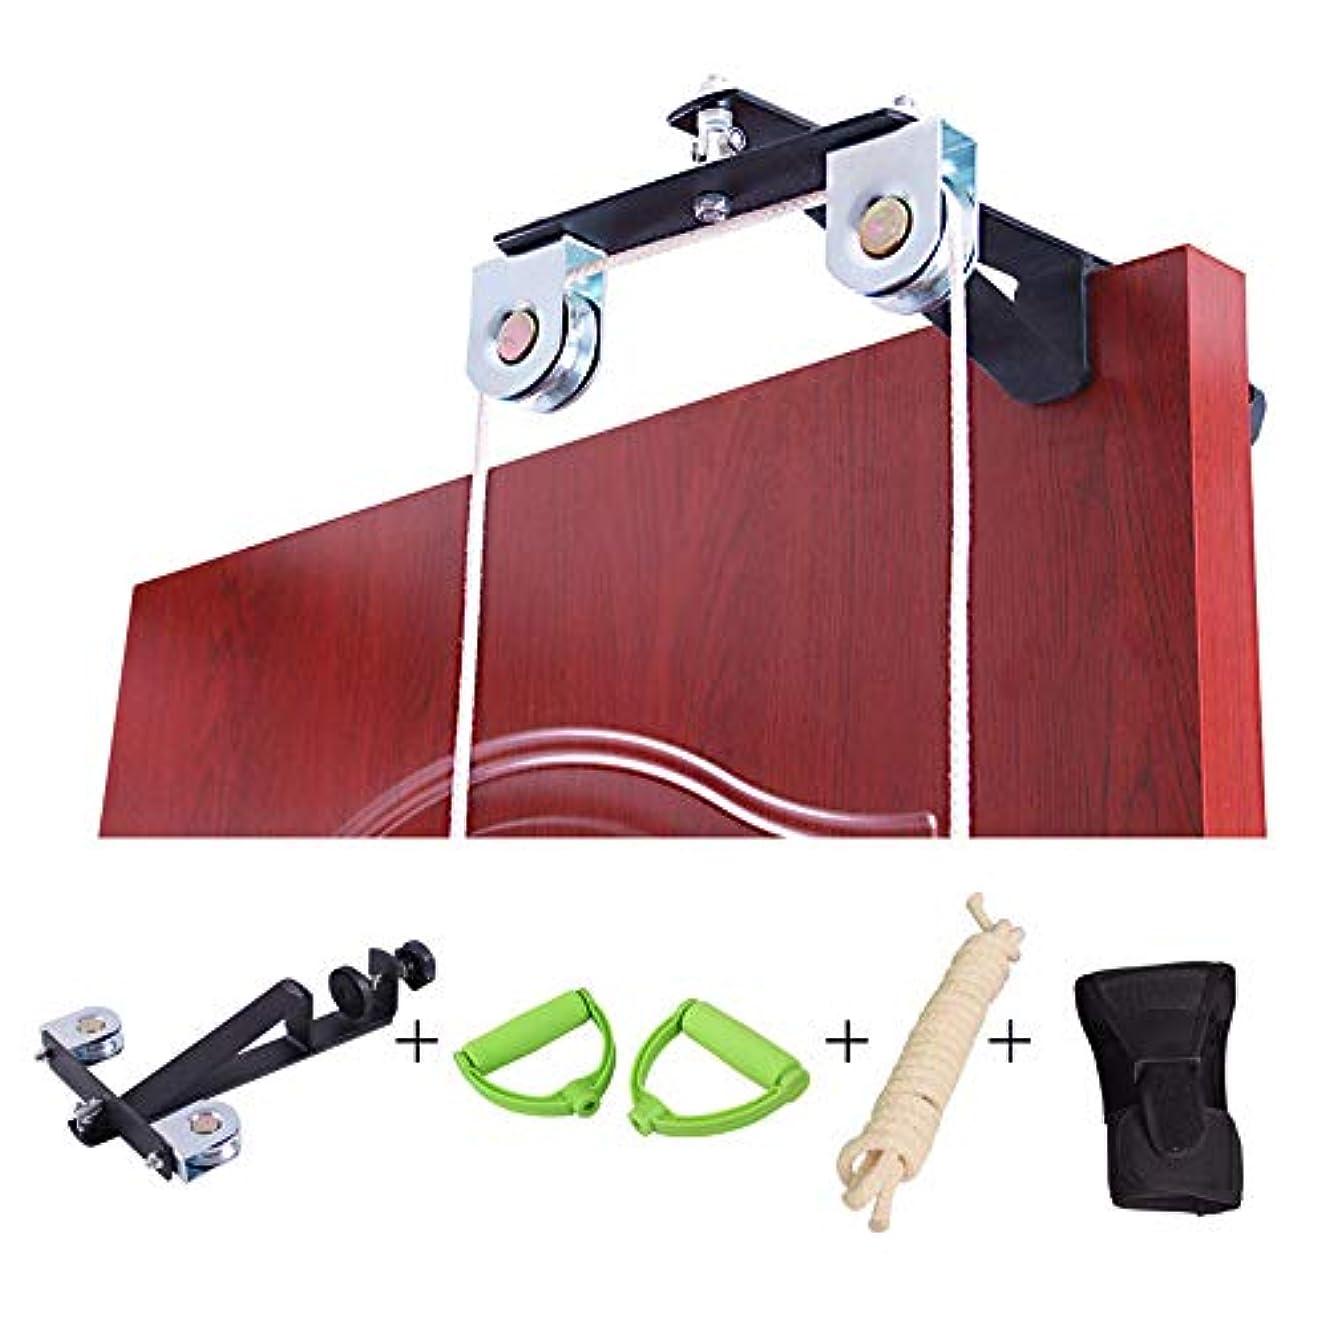 よろめく区別するオークション家庭用 肩のリハビリ機器 滑車訓練機 肩甲骨ストレッチャー 肩を大きく動かすエクササイズダブルプーリーデザイン